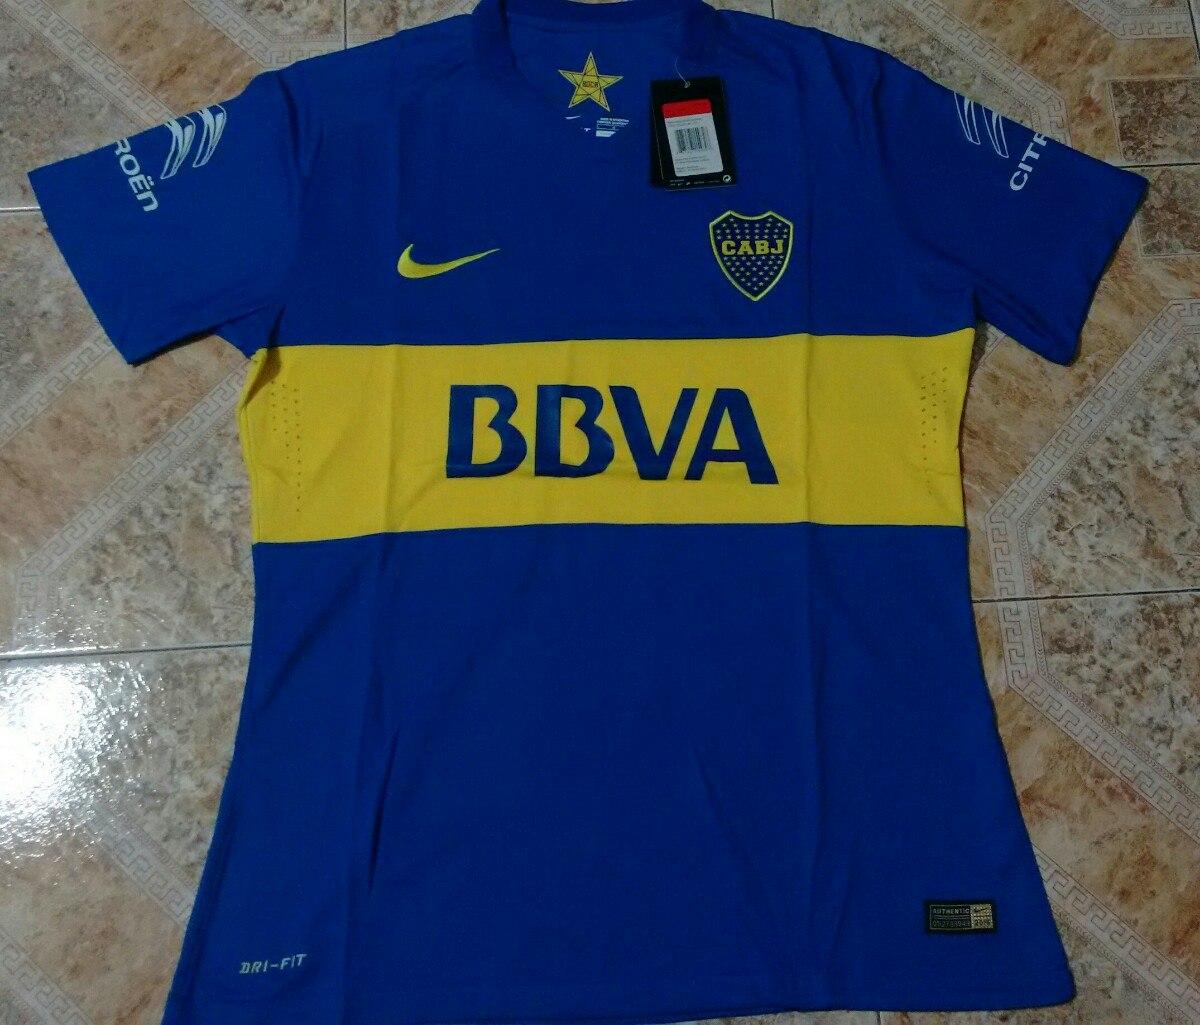 57cab8dc49157 Camiseta Boca Juniors 2016 Titular Match